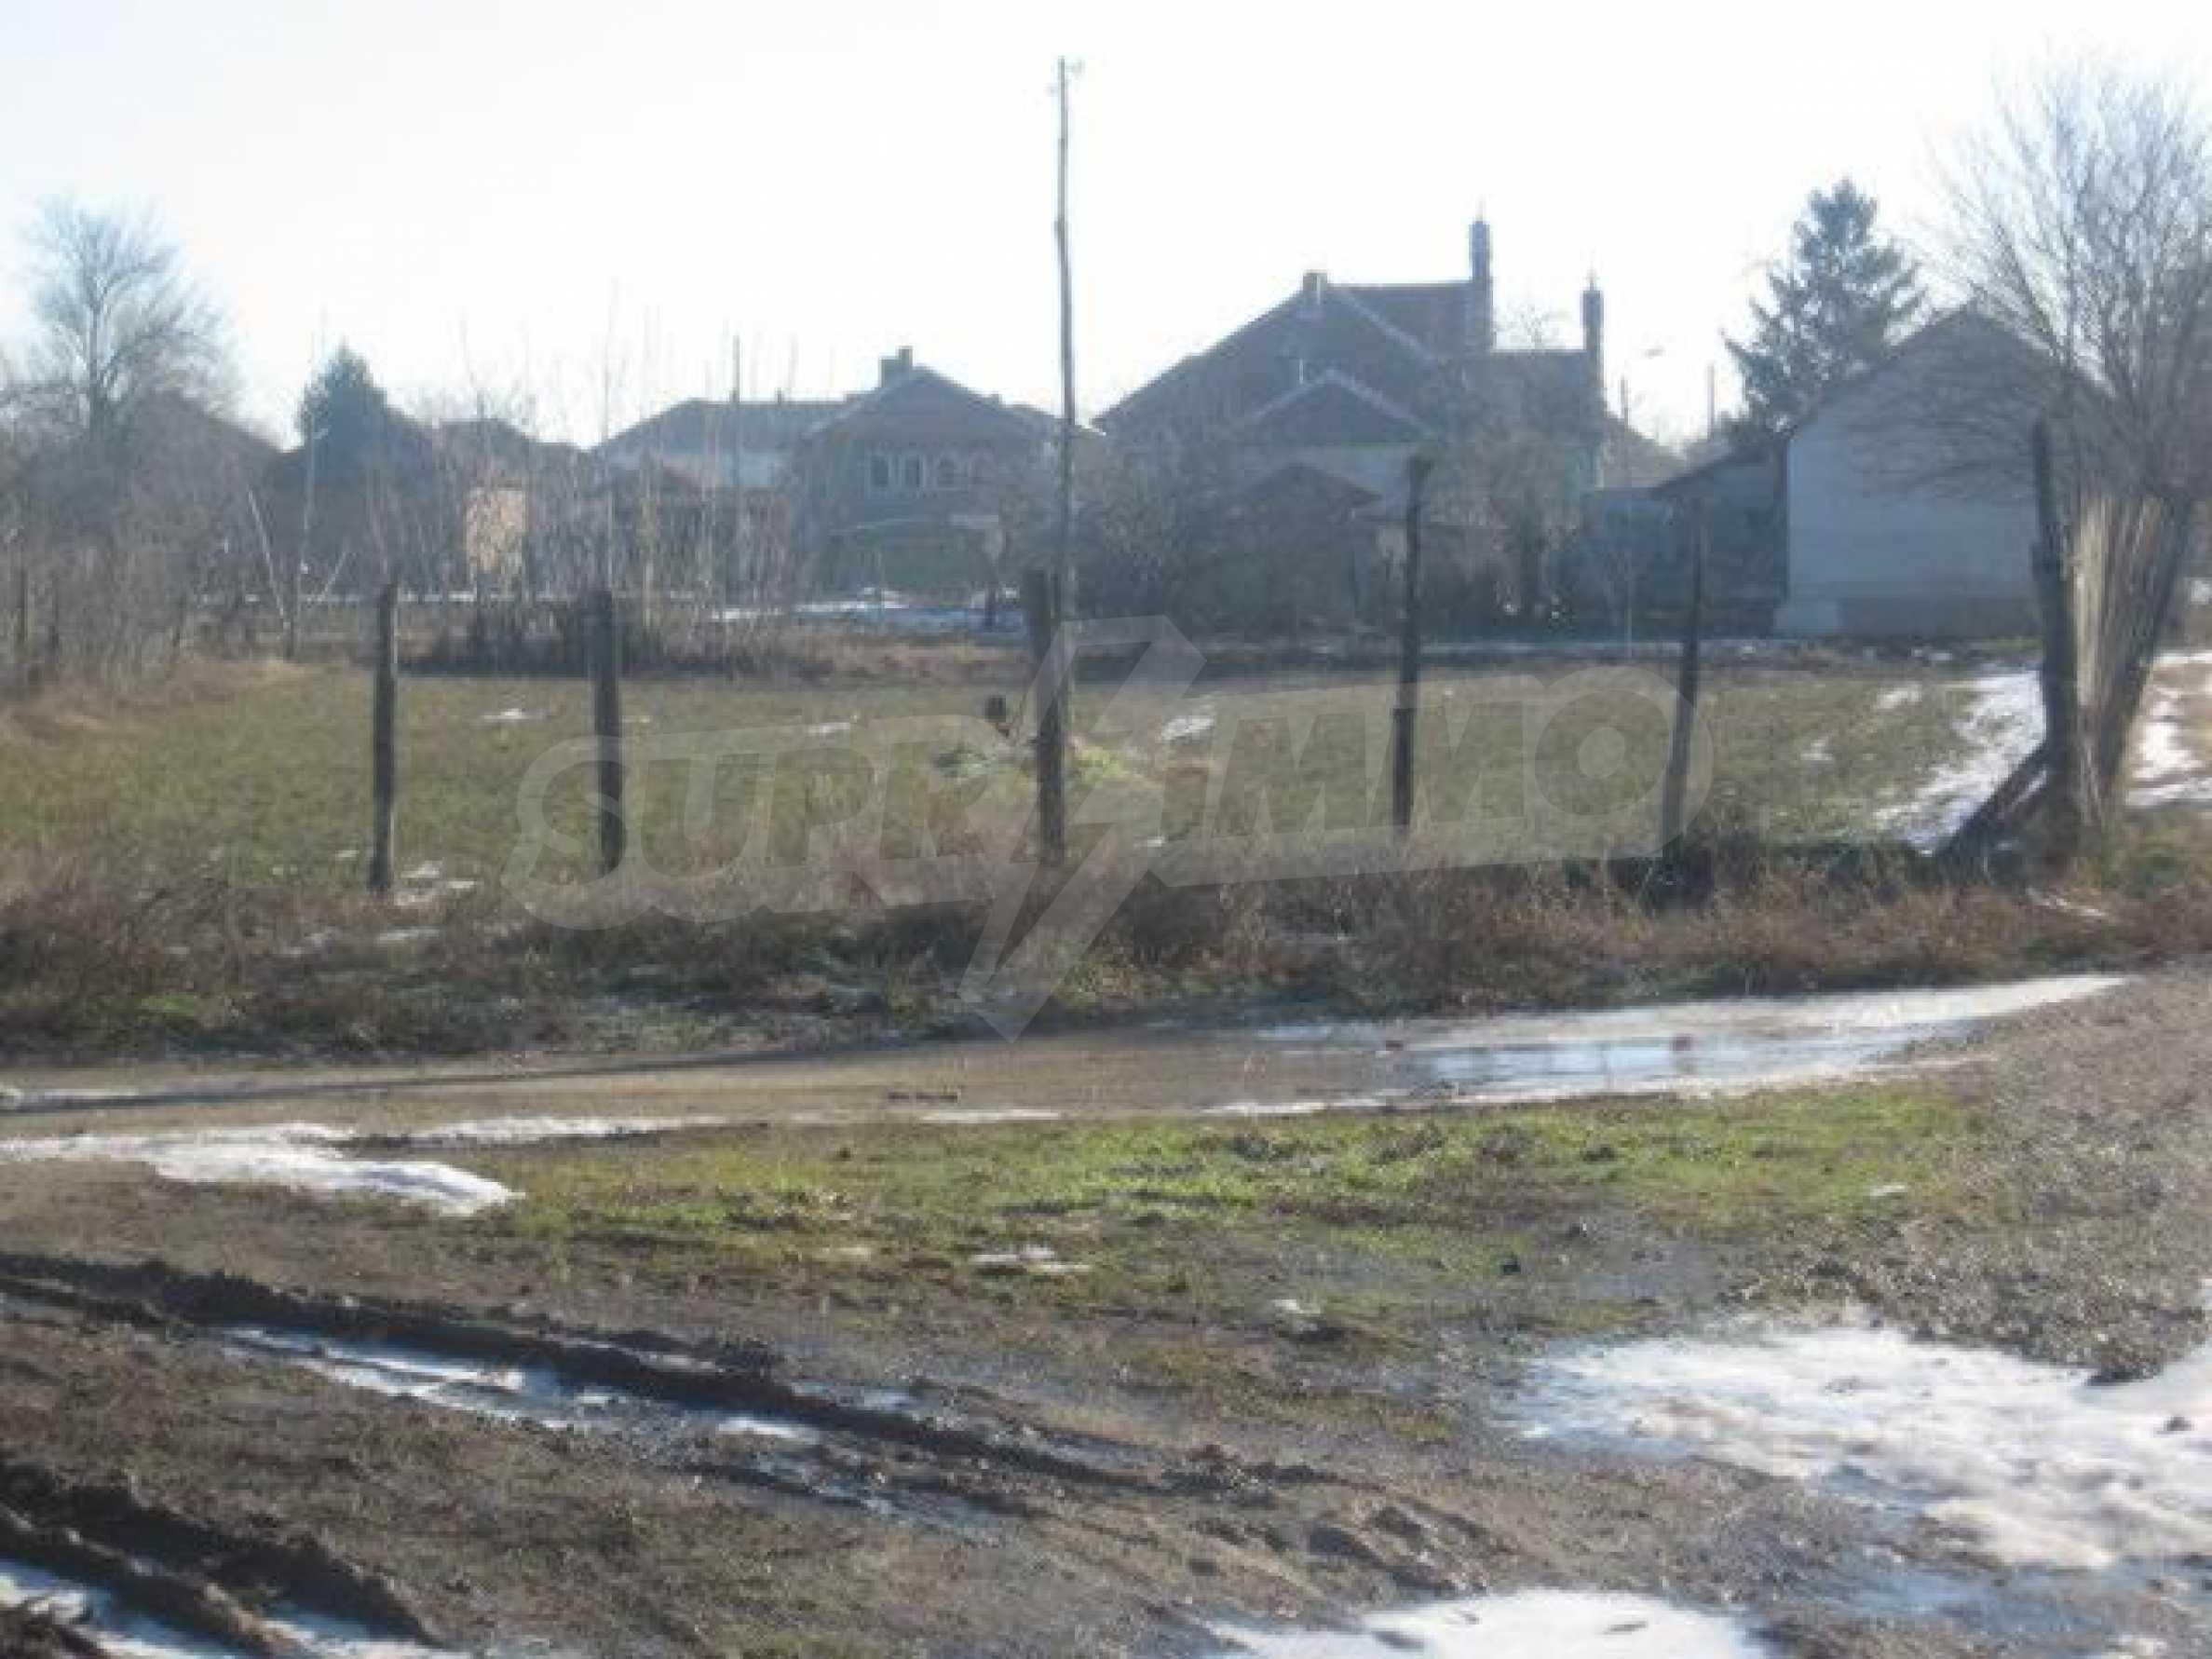 Участок под строительство возле Дунай мост 2, г. Видин 7